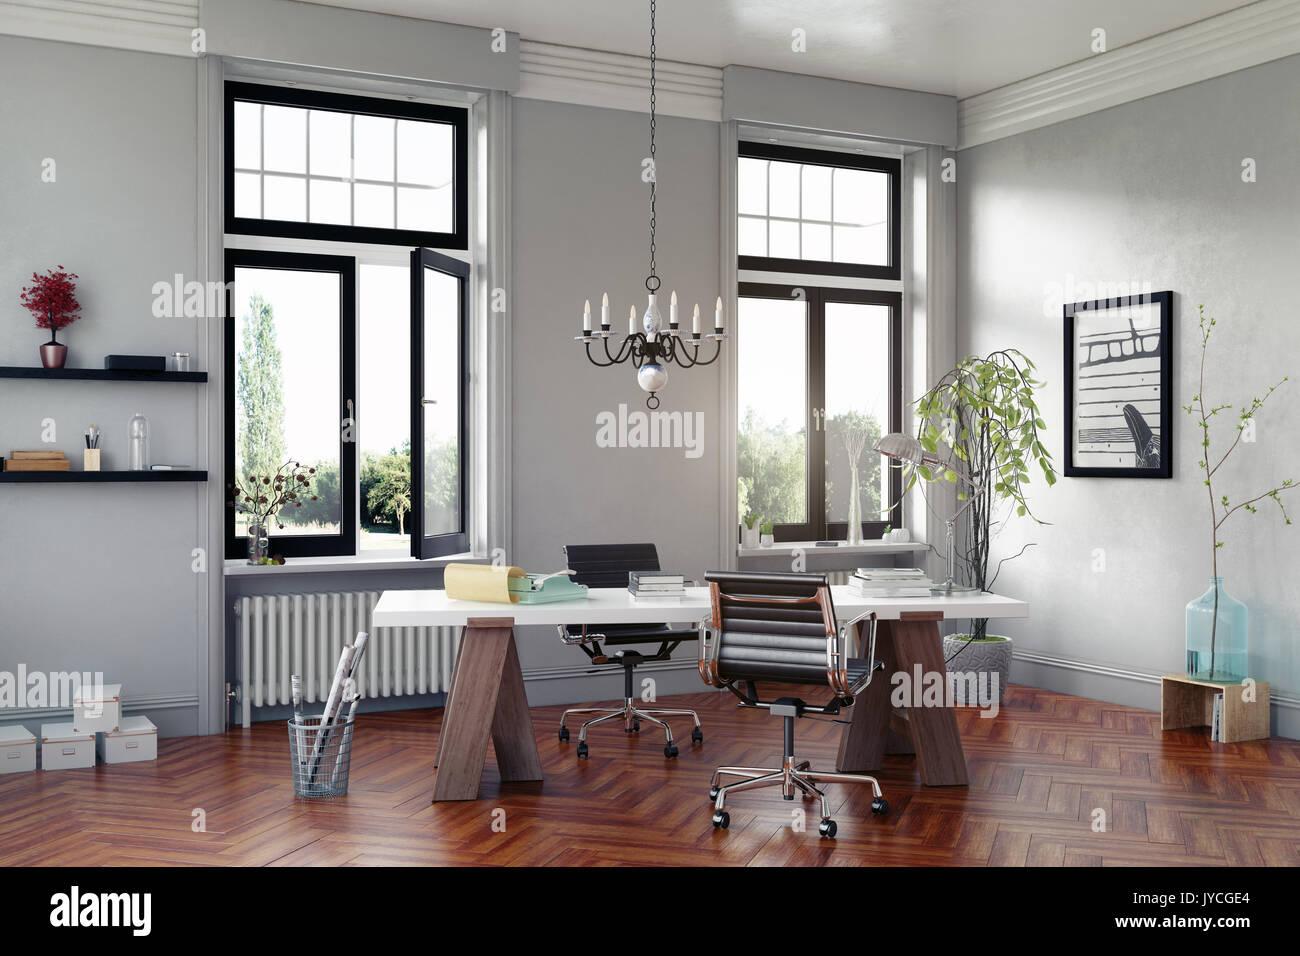 Salle d'étude moderne avec table et fauteuils. Concept 3D Rendering Photo Stock